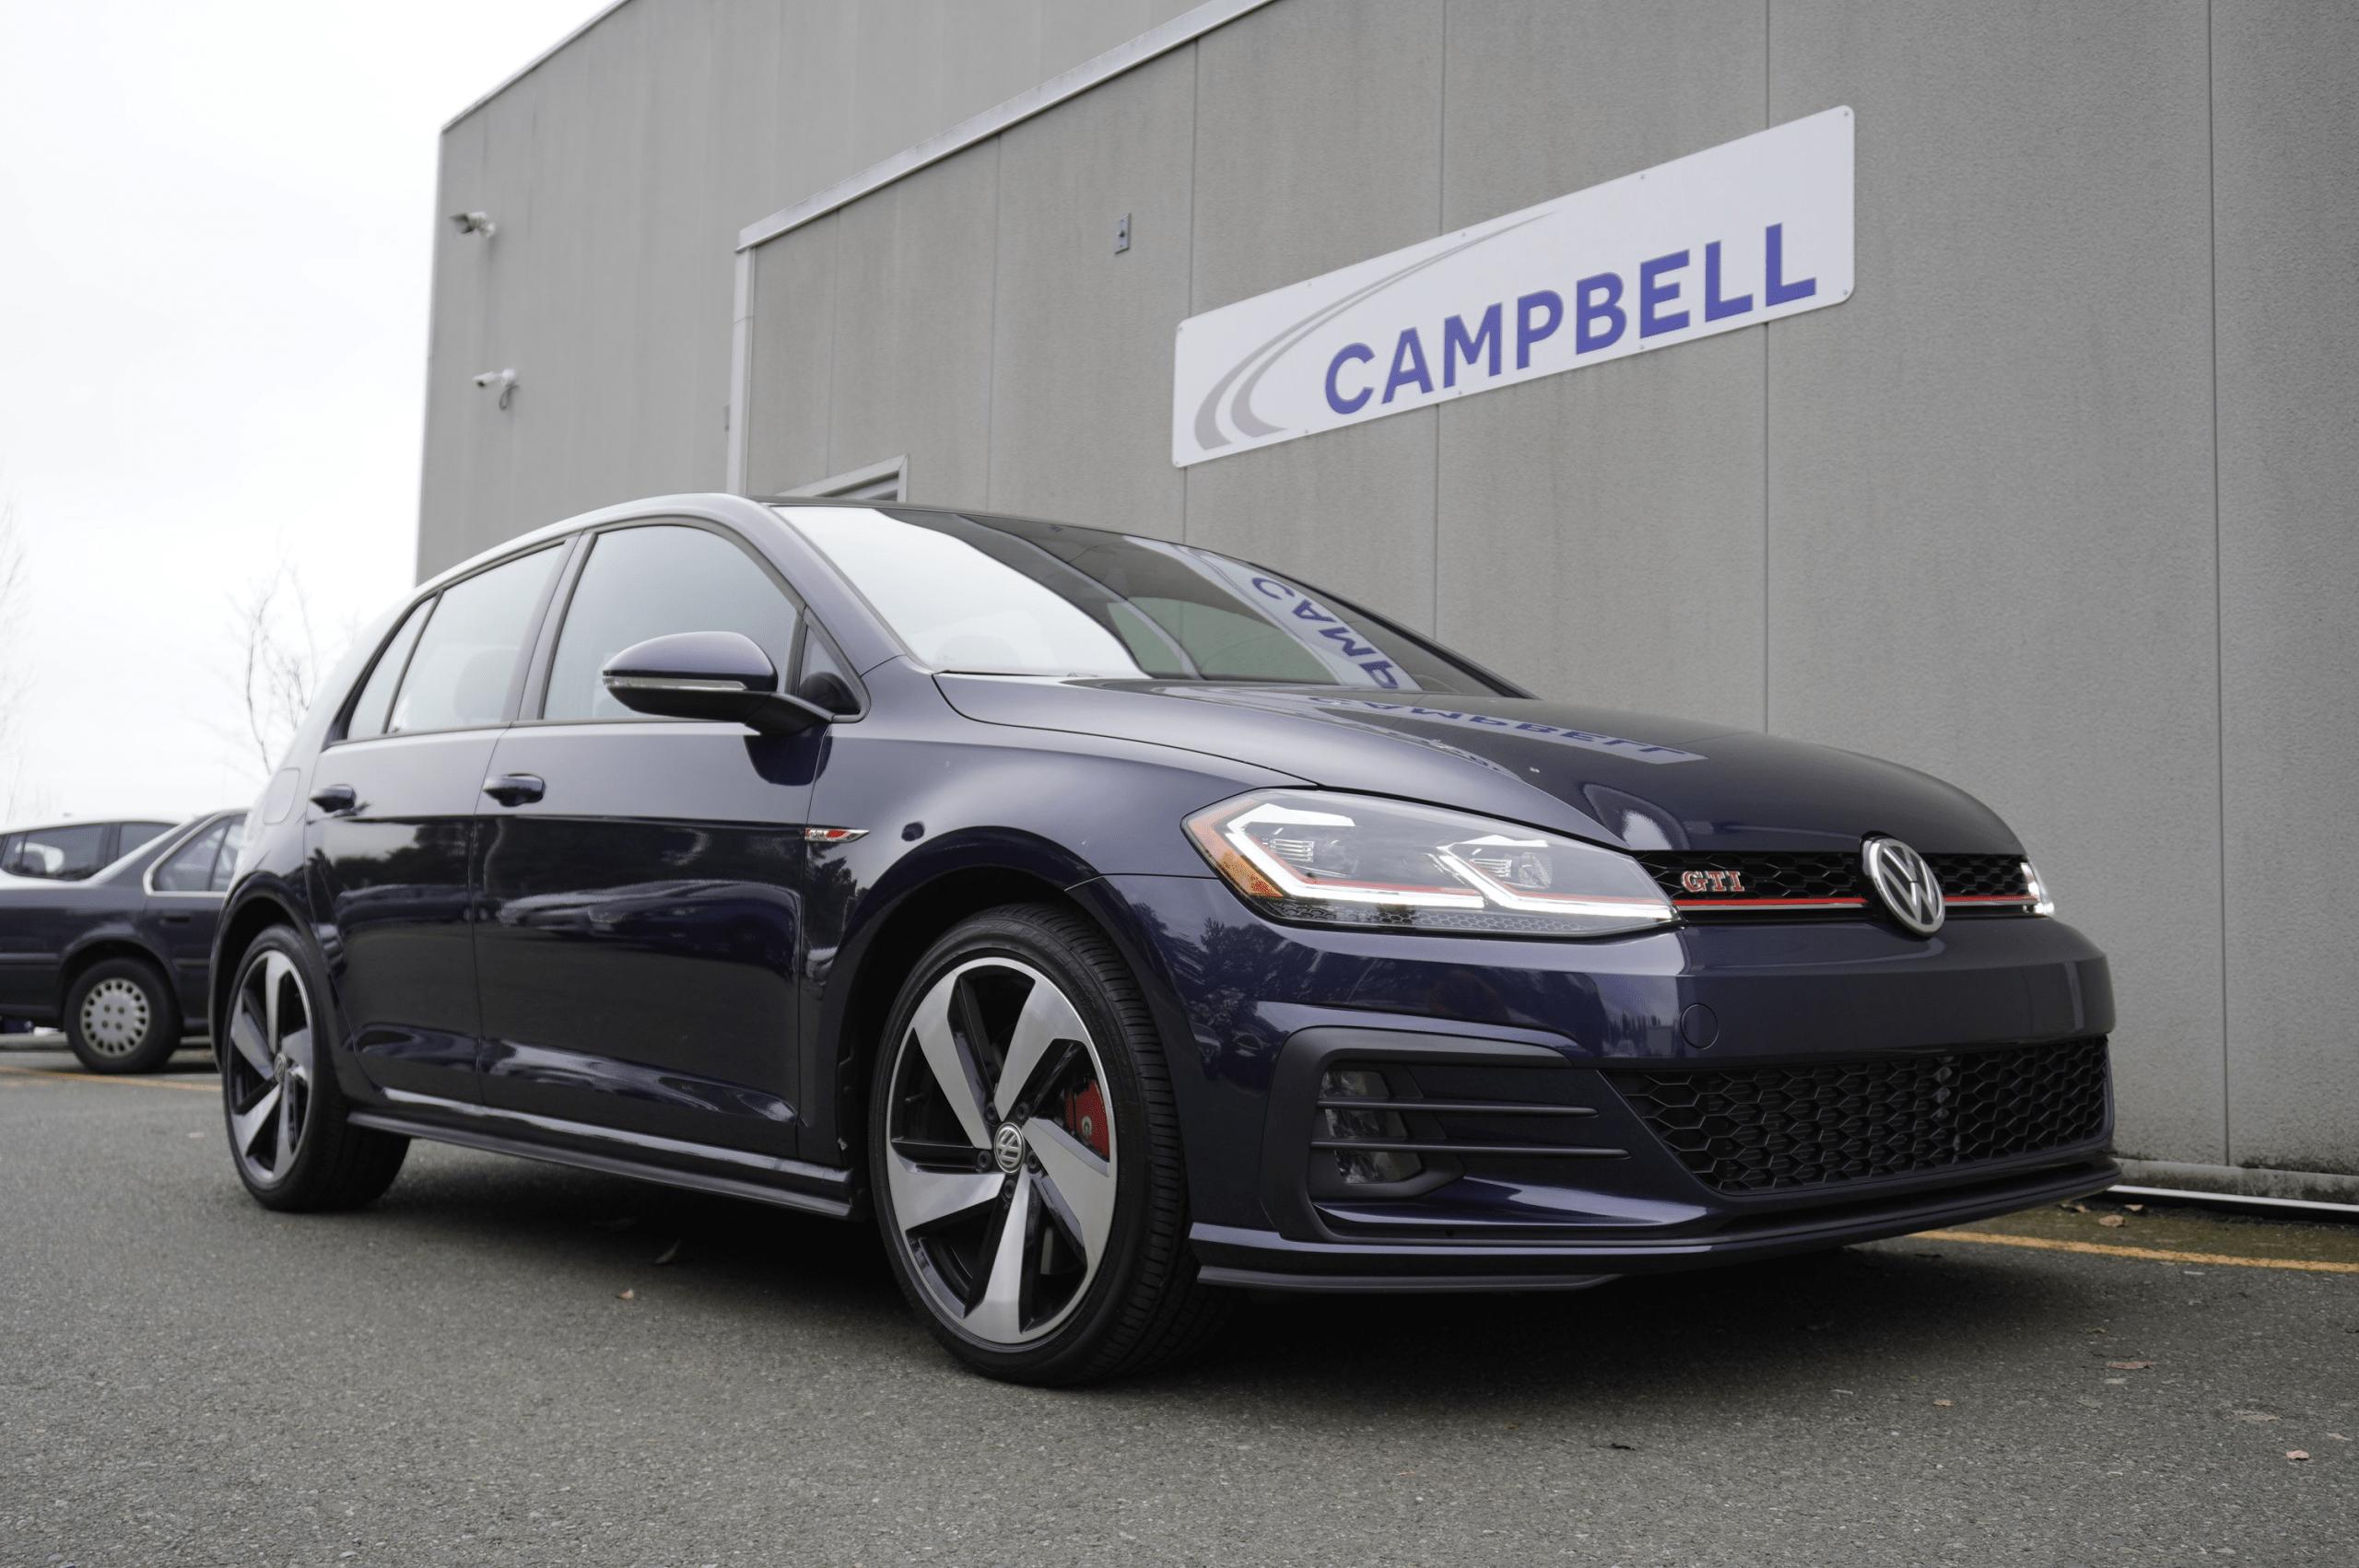 2020 Volkswagen Golf R Review In 2020 Volkswagen Golf R Volkswagen Volkswagen Golf